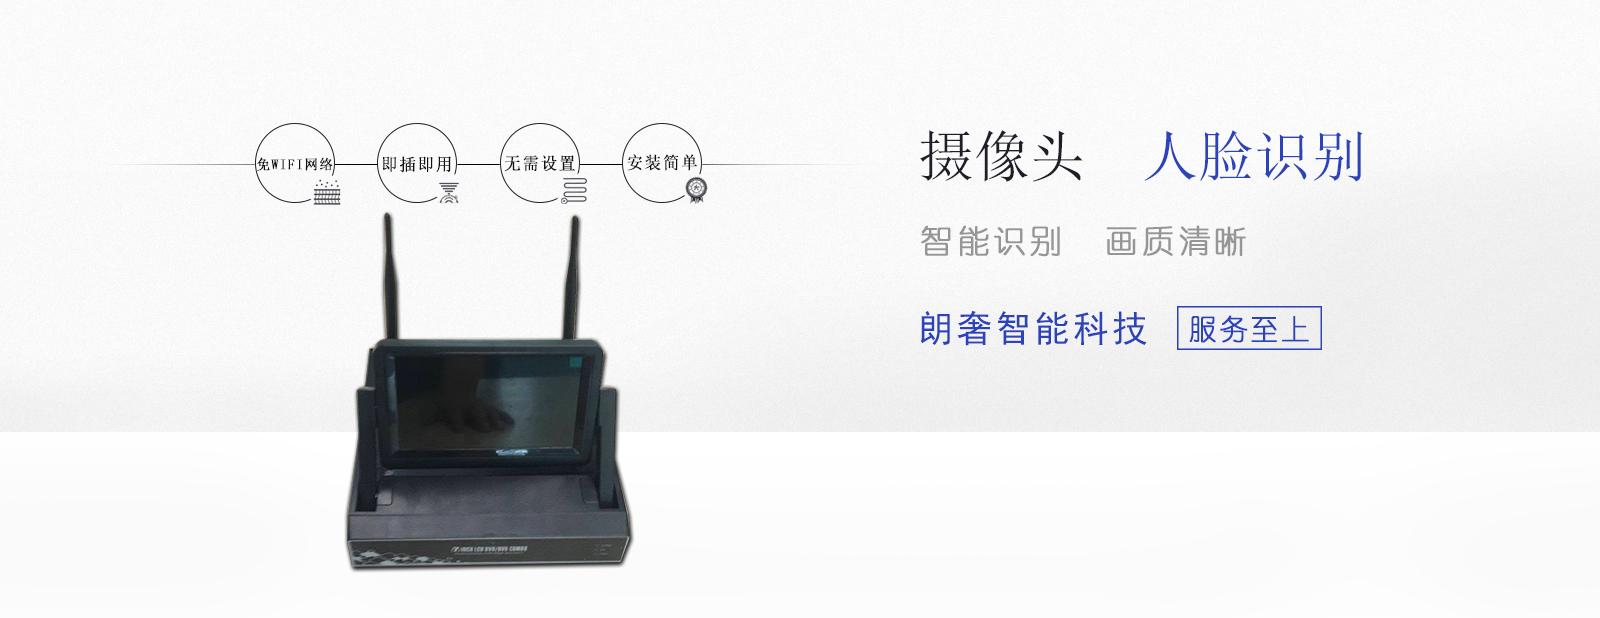 無線NVR主機